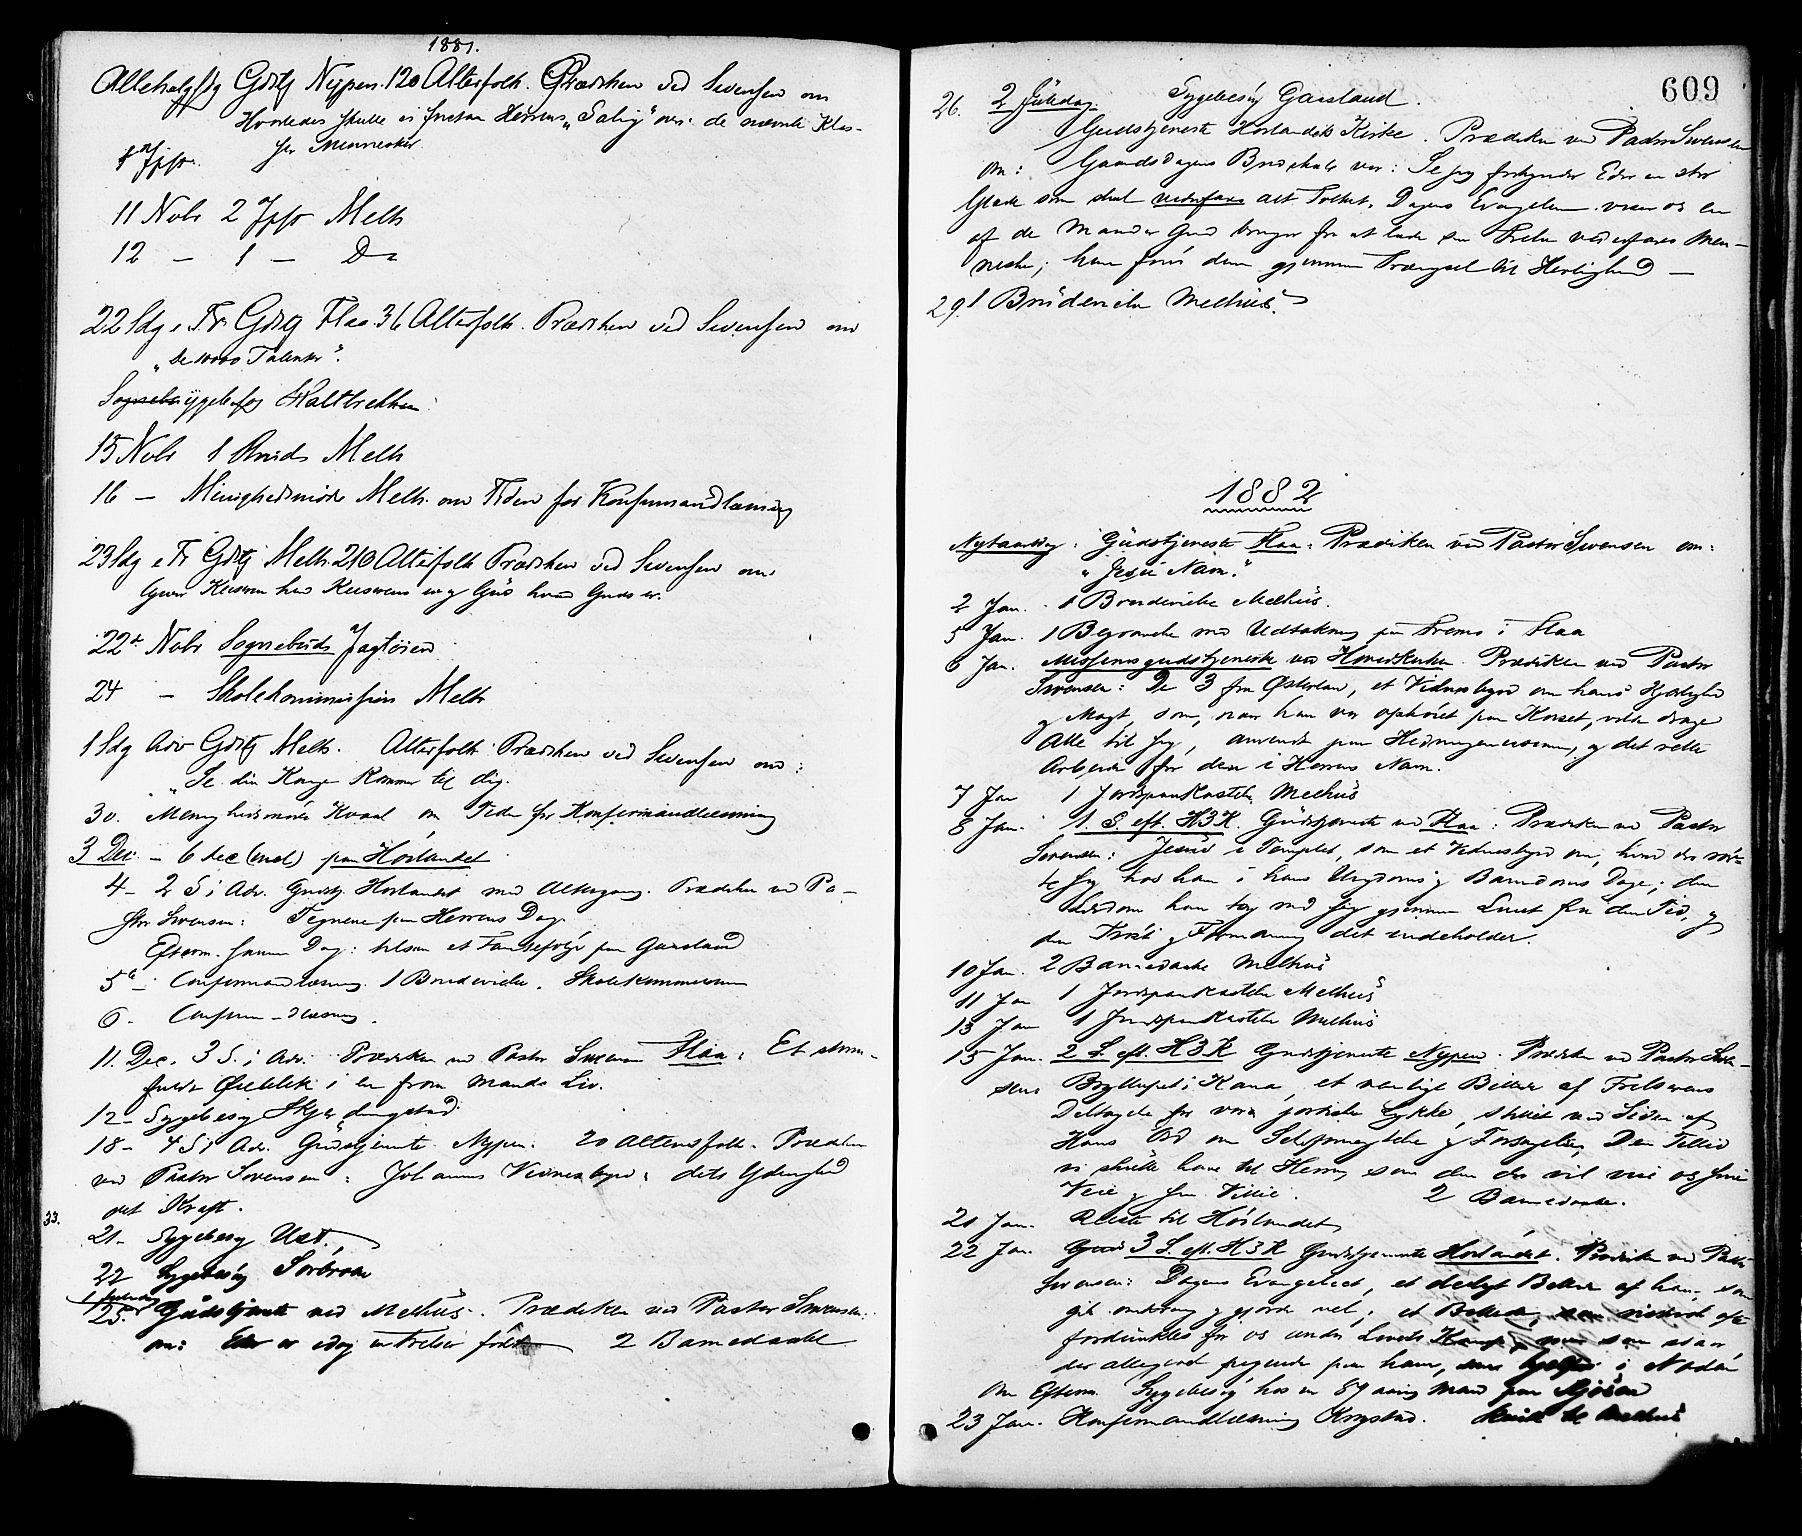 SAT, Ministerialprotokoller, klokkerbøker og fødselsregistre - Sør-Trøndelag, 691/L1079: Ministerialbok nr. 691A11, 1873-1886, s. 609